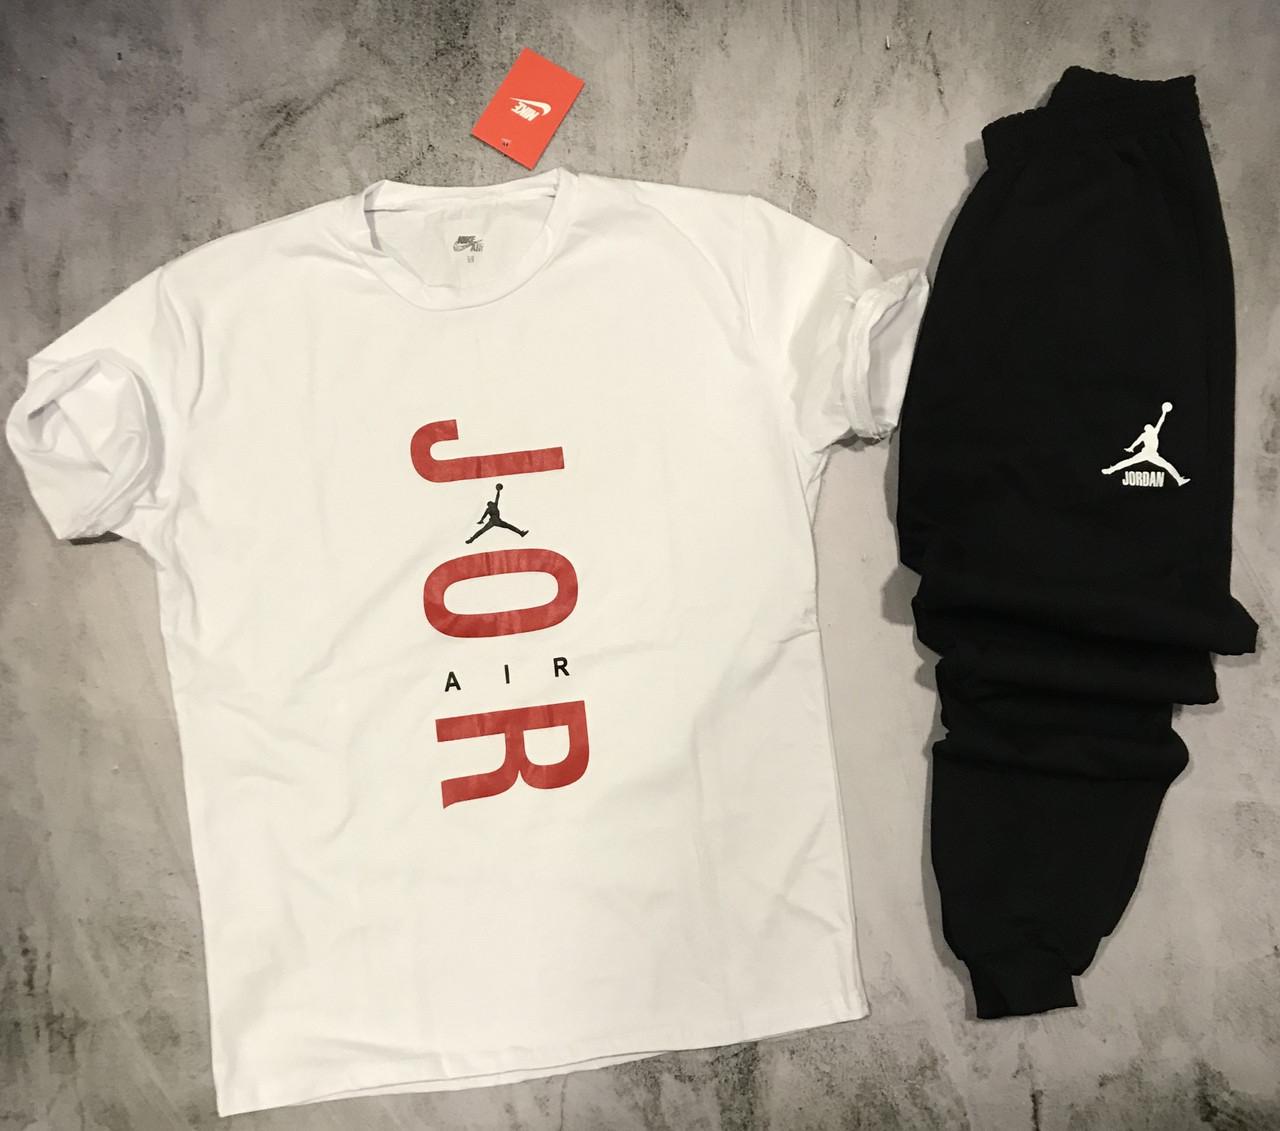 Мужской спортивный костюм(футболка + штаны) Nike Jordan Air